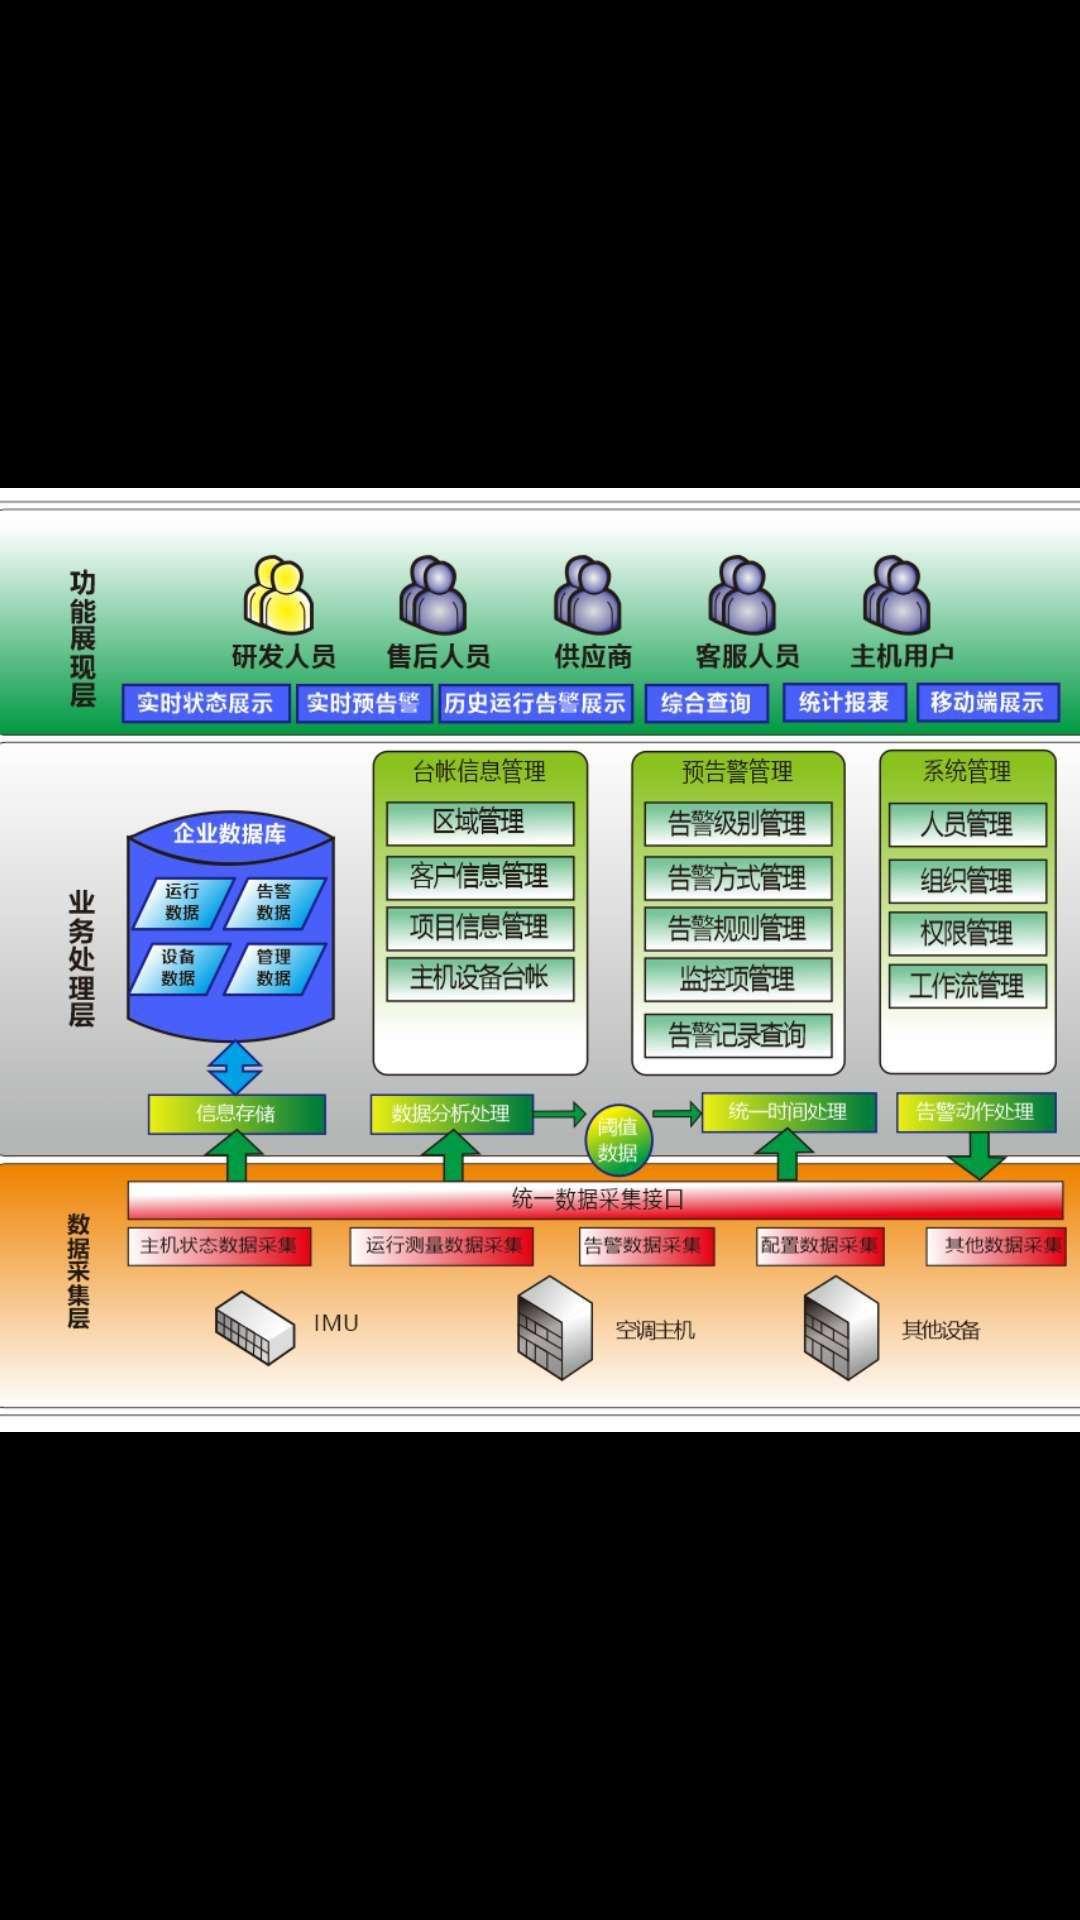 可视化数字设备数据采集透明化数据采集数据采集 可视化数字数据采集信息应用 可视化数字数据采集可视化数字数据